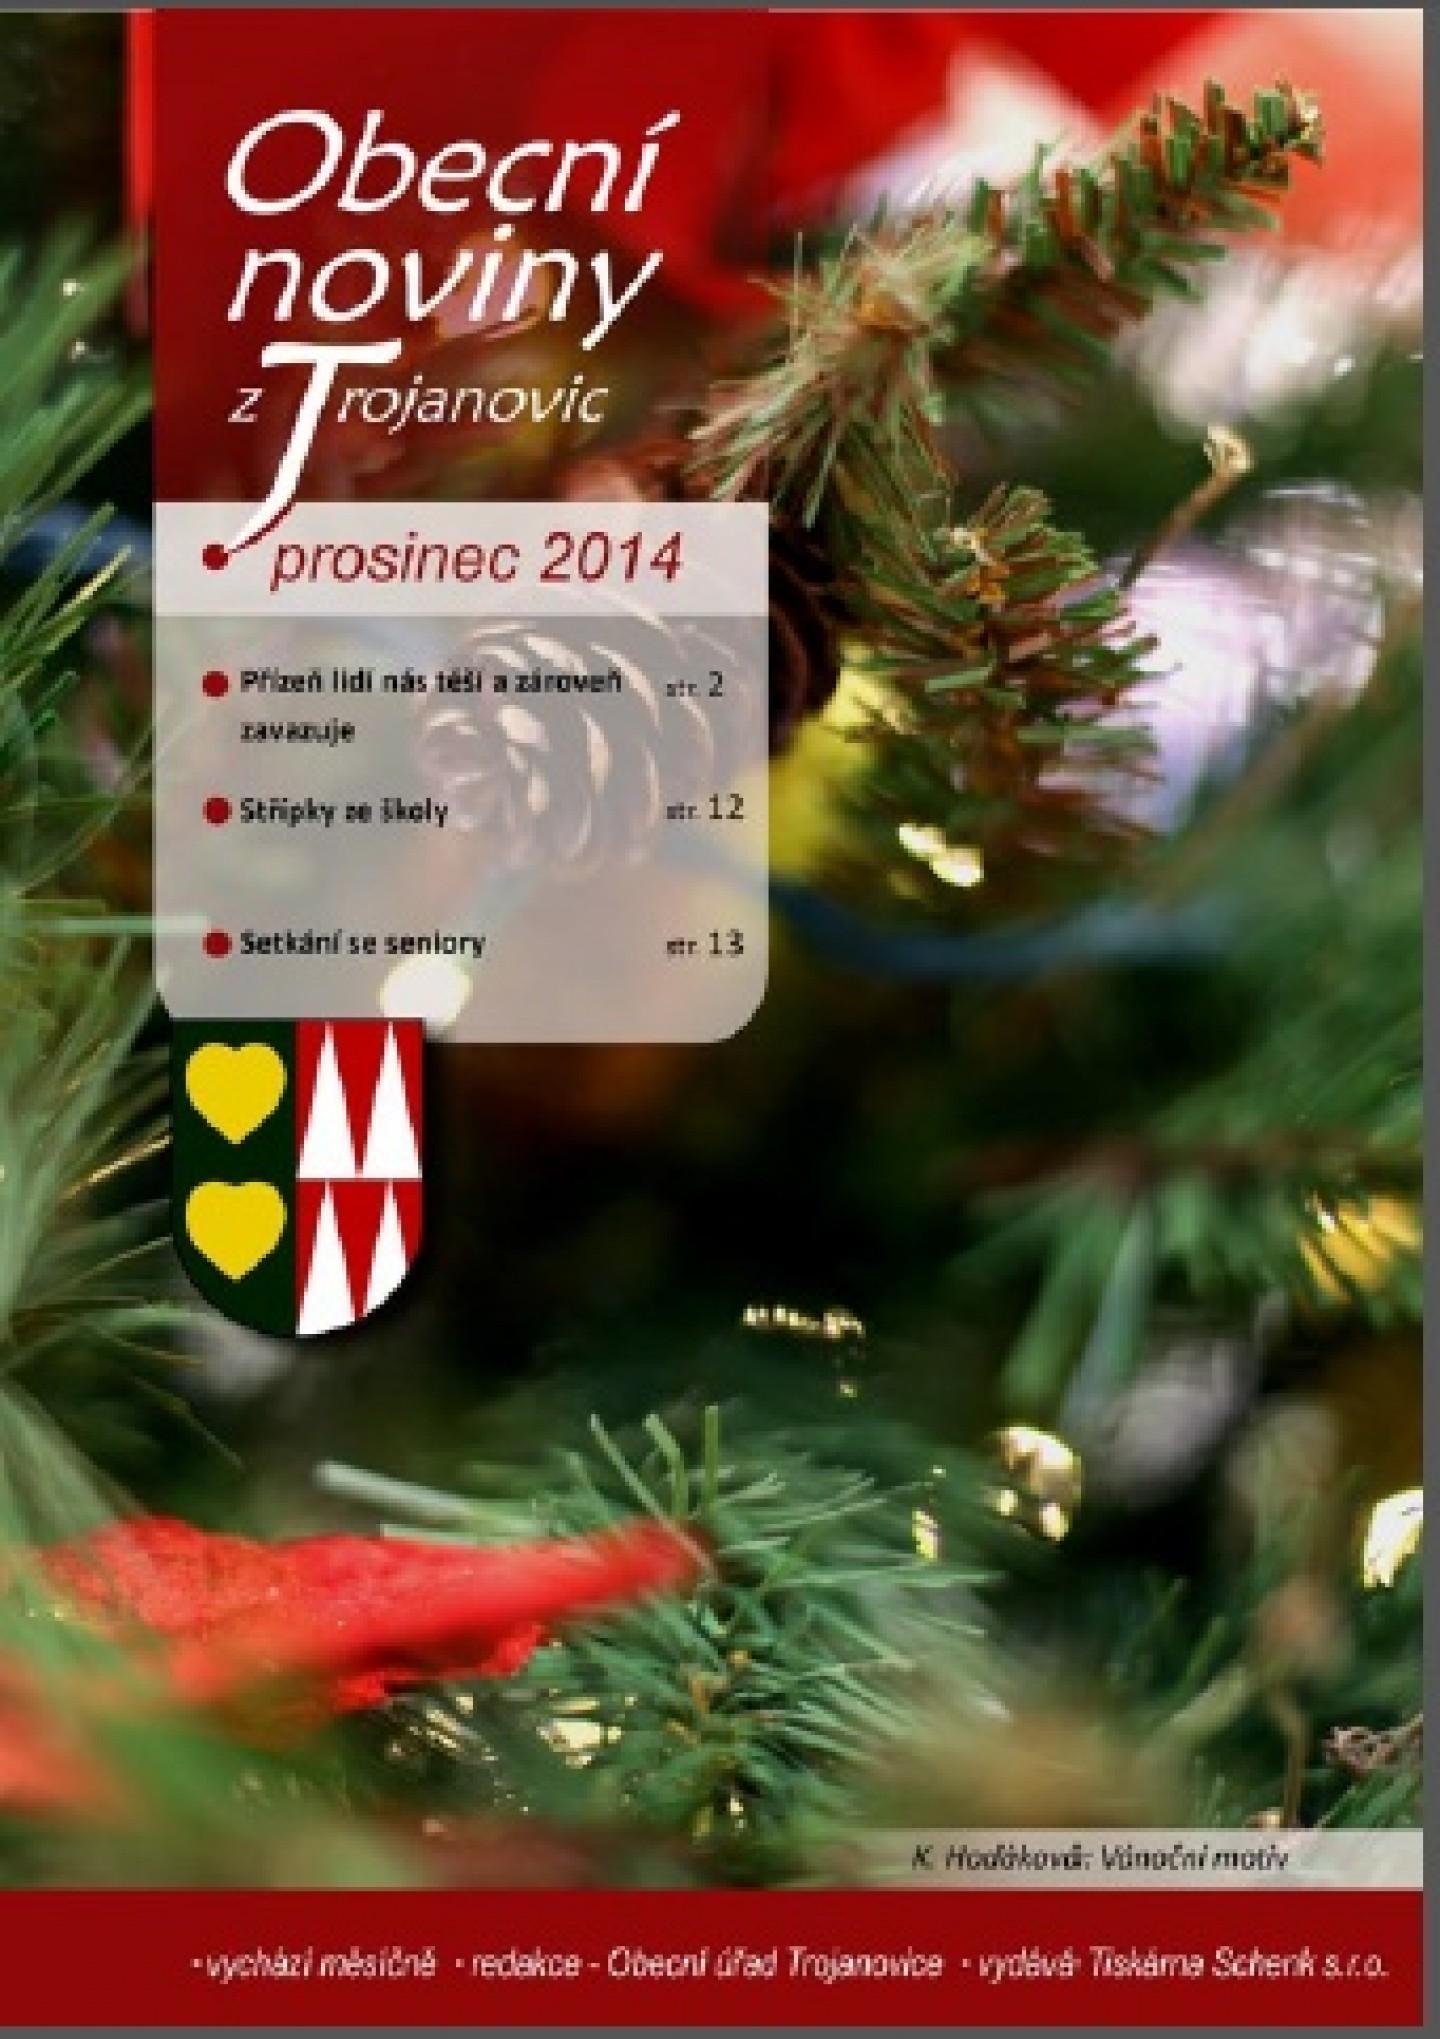 titulni_stranka_prosinec